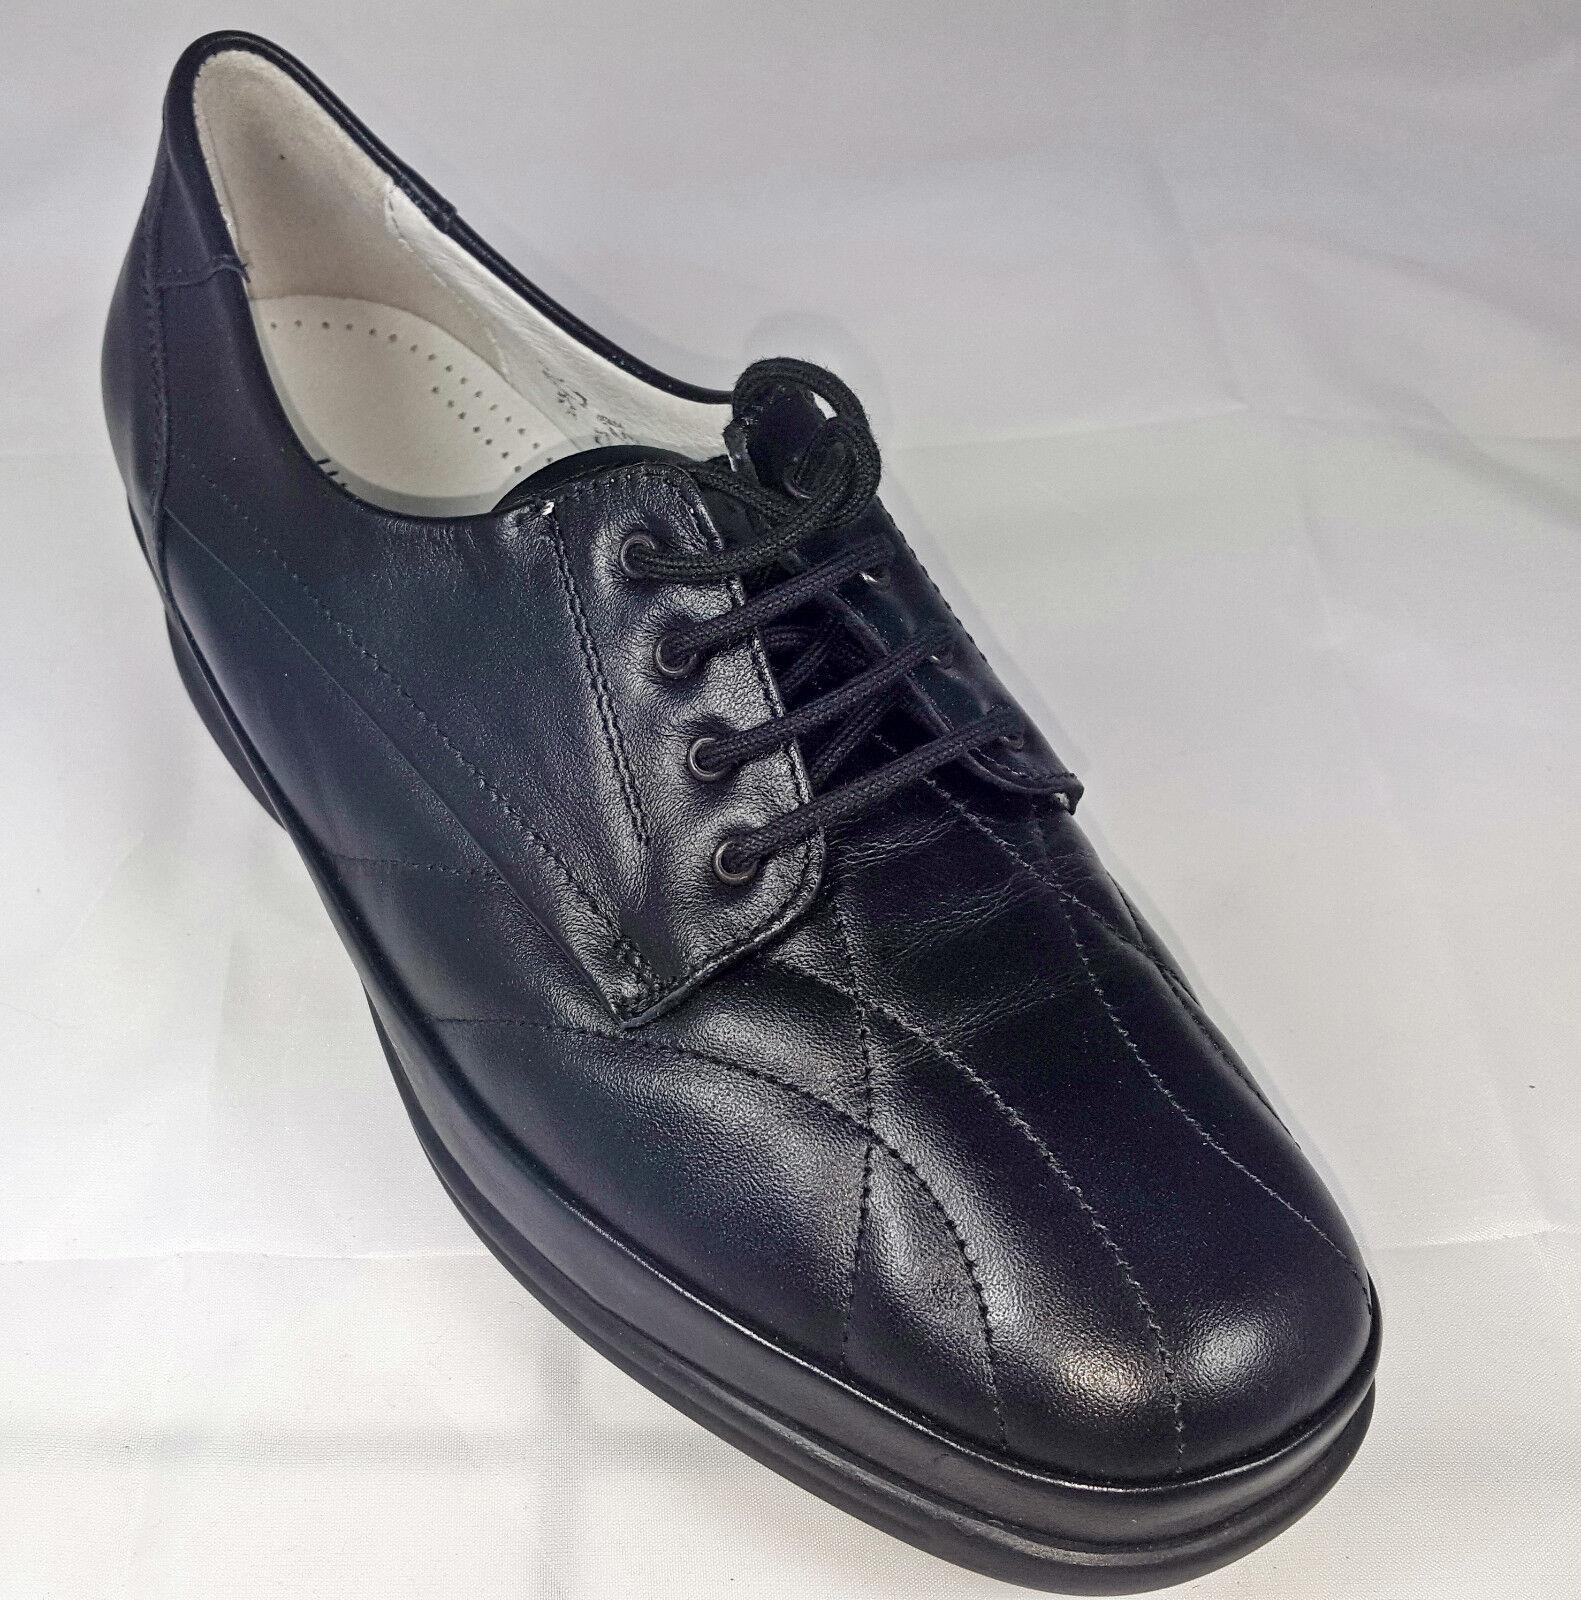 Waldläufer Schuhe Damen Leder Weite K schwarz Schnürschuhe Neu 583 ... 237811d5eb